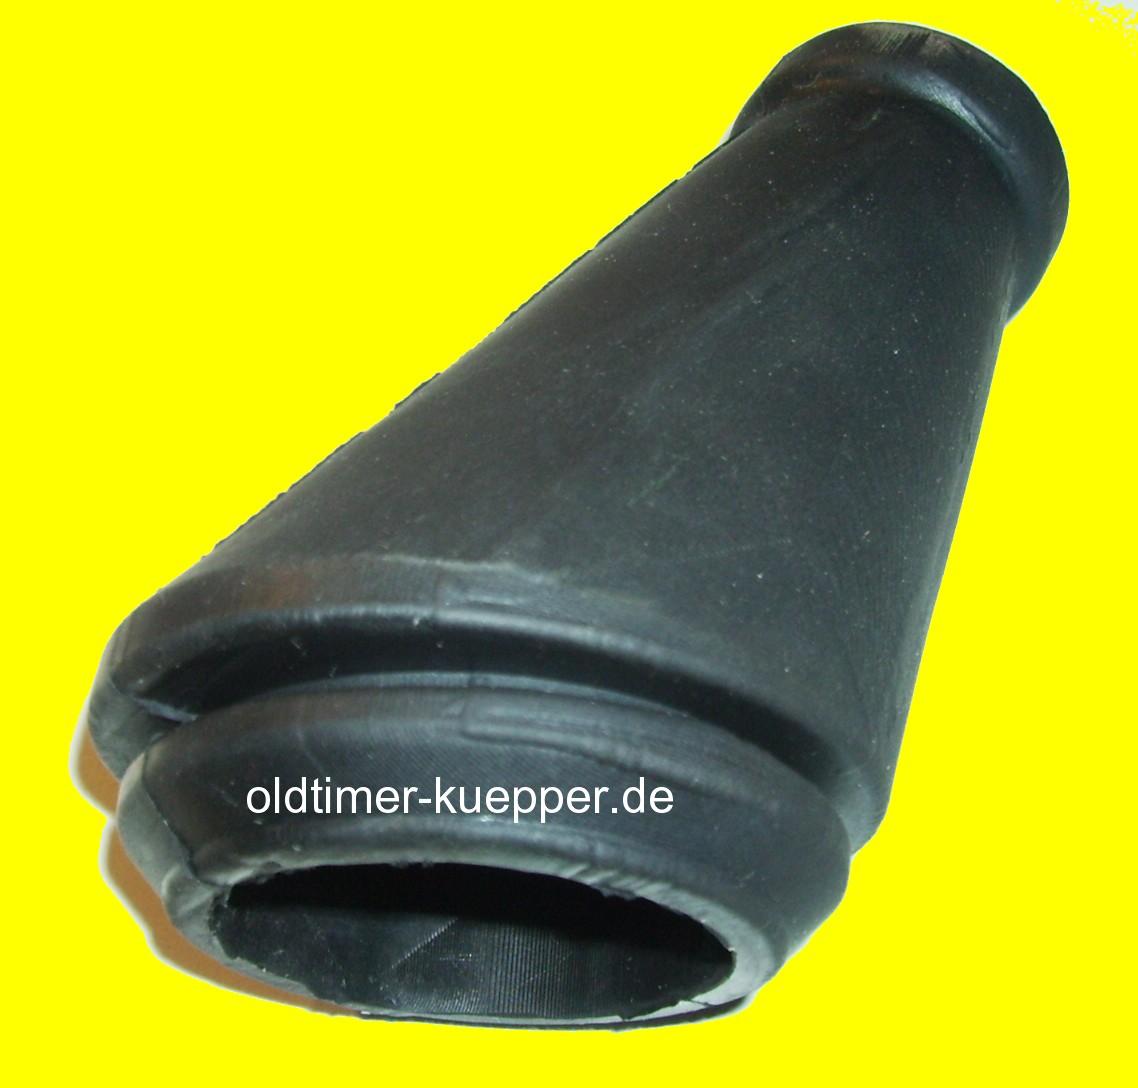 lenks ulengummi holder b12 201261 oldtimer kuepper. Black Bedroom Furniture Sets. Home Design Ideas